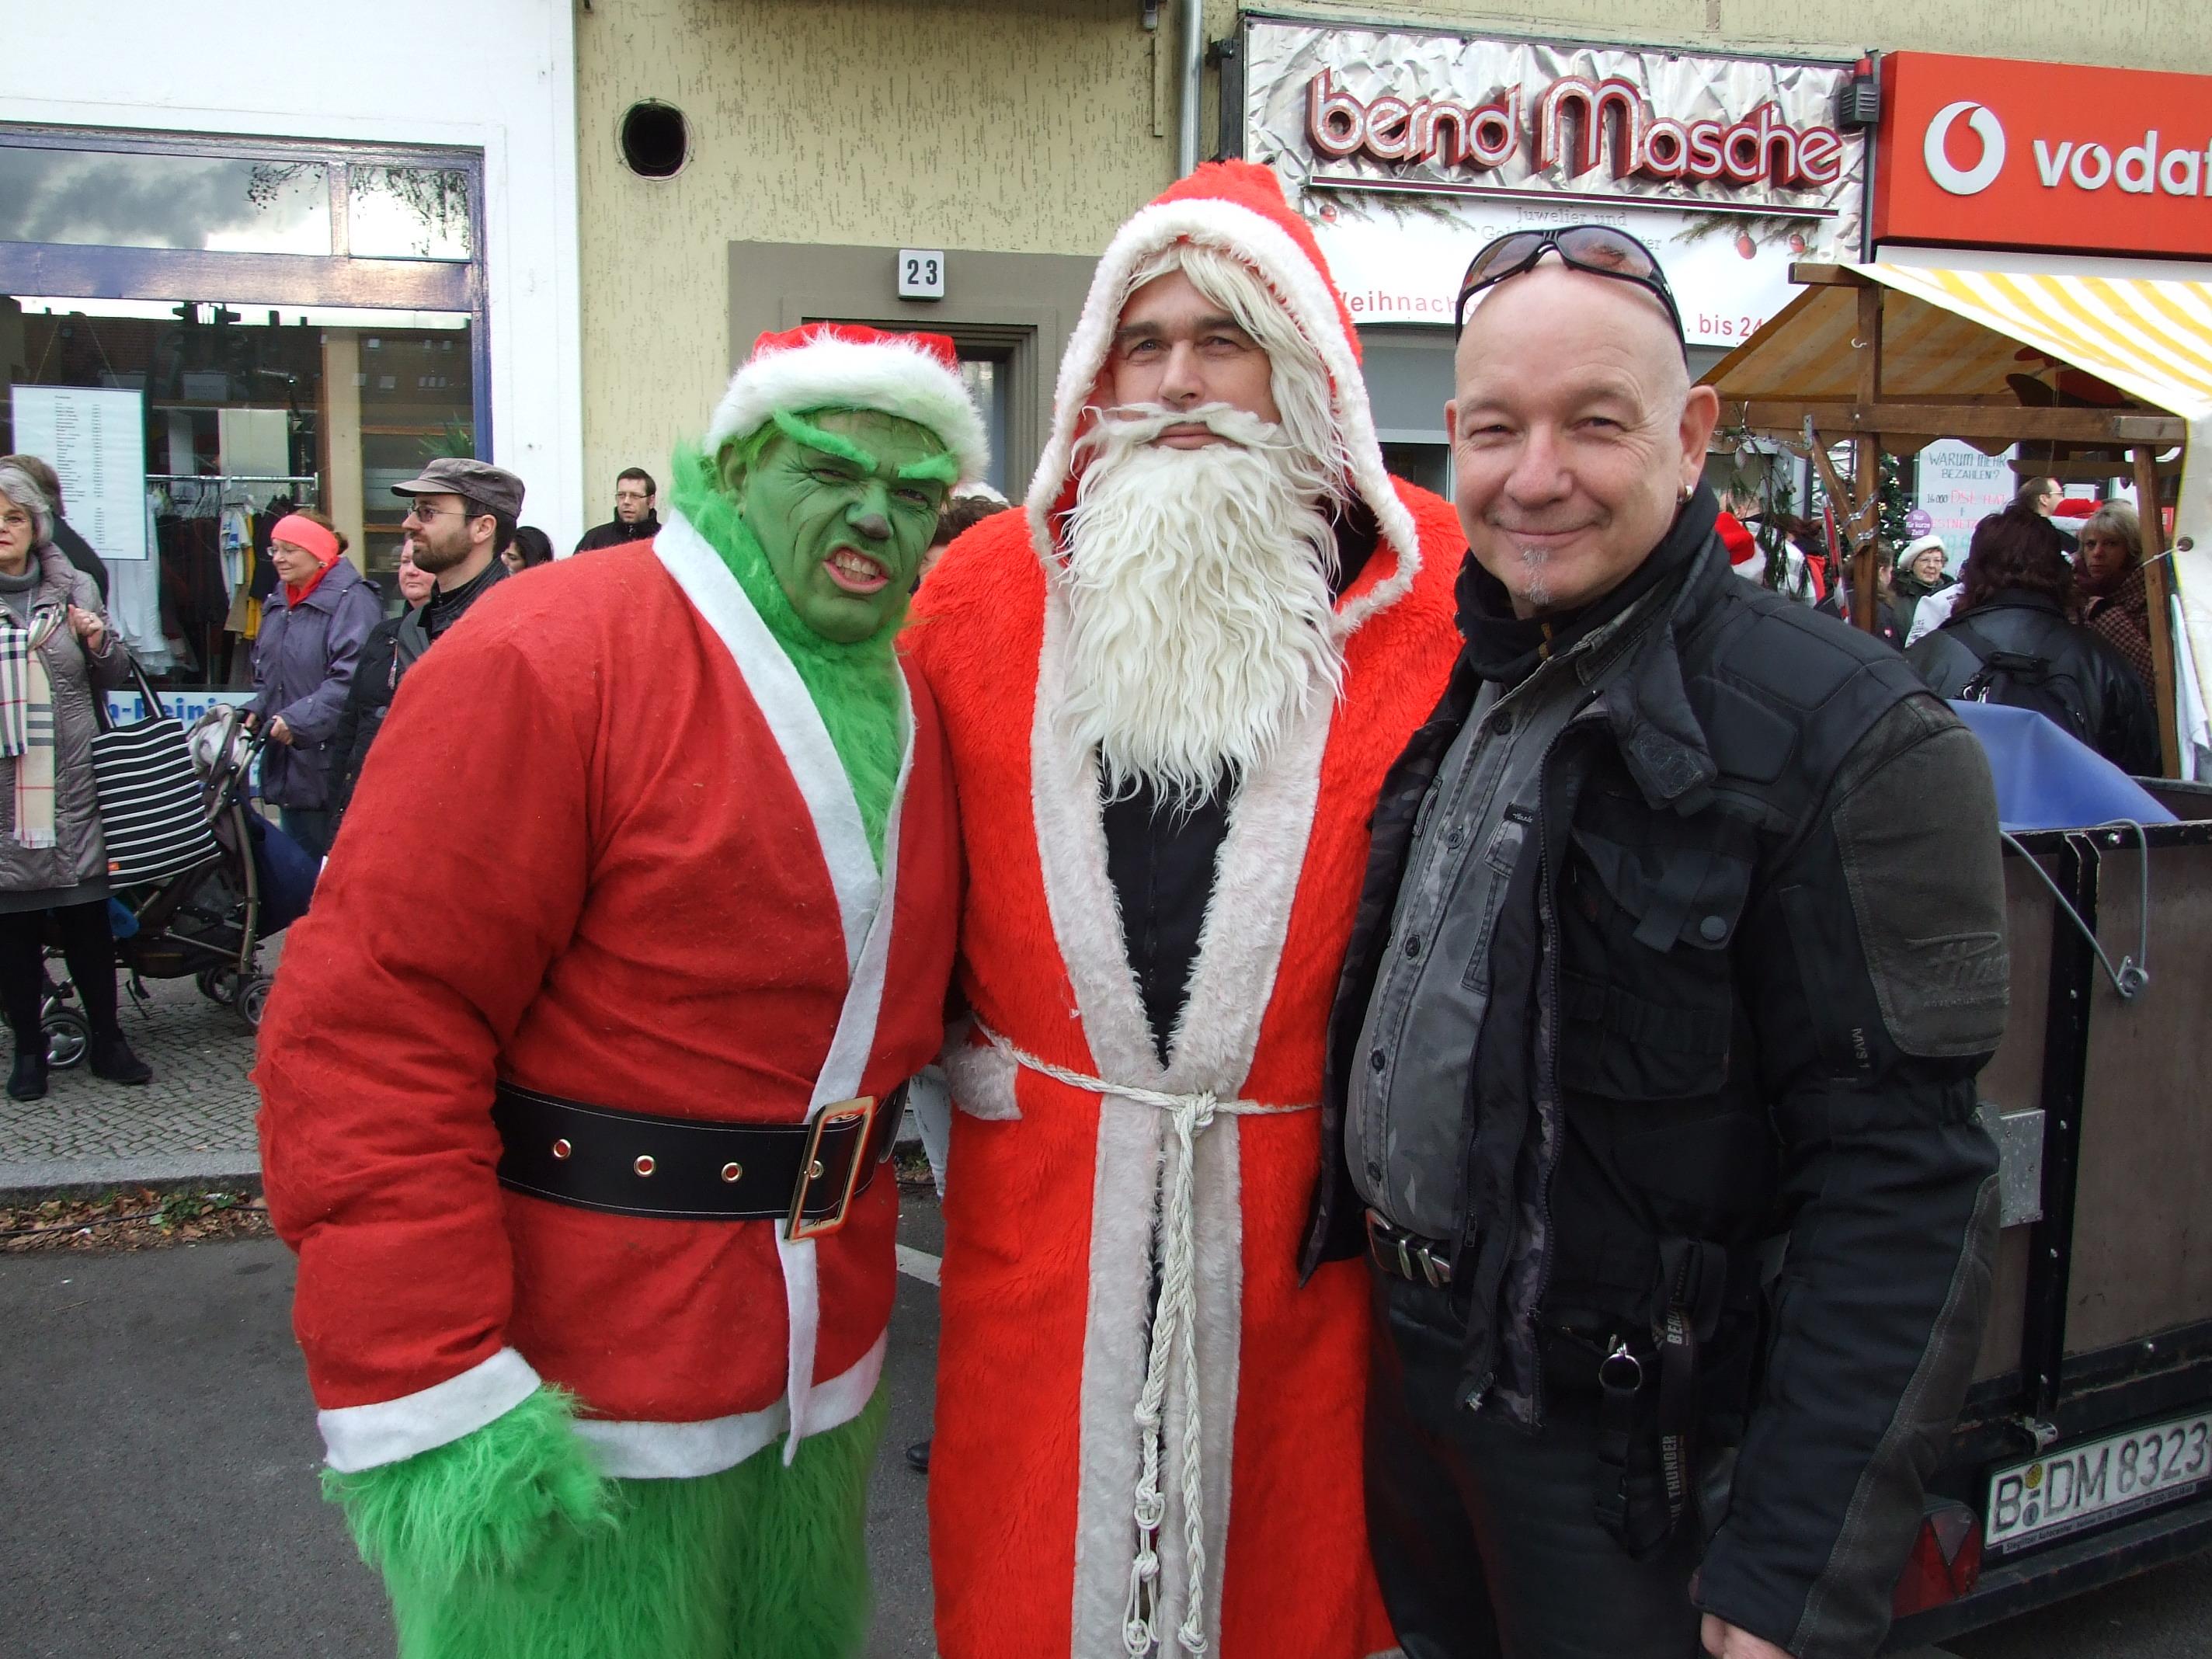 der Grinch, der Weihnachtsmann und einer der Haupt-Initiatoren dieser Aktion Bernd Masche